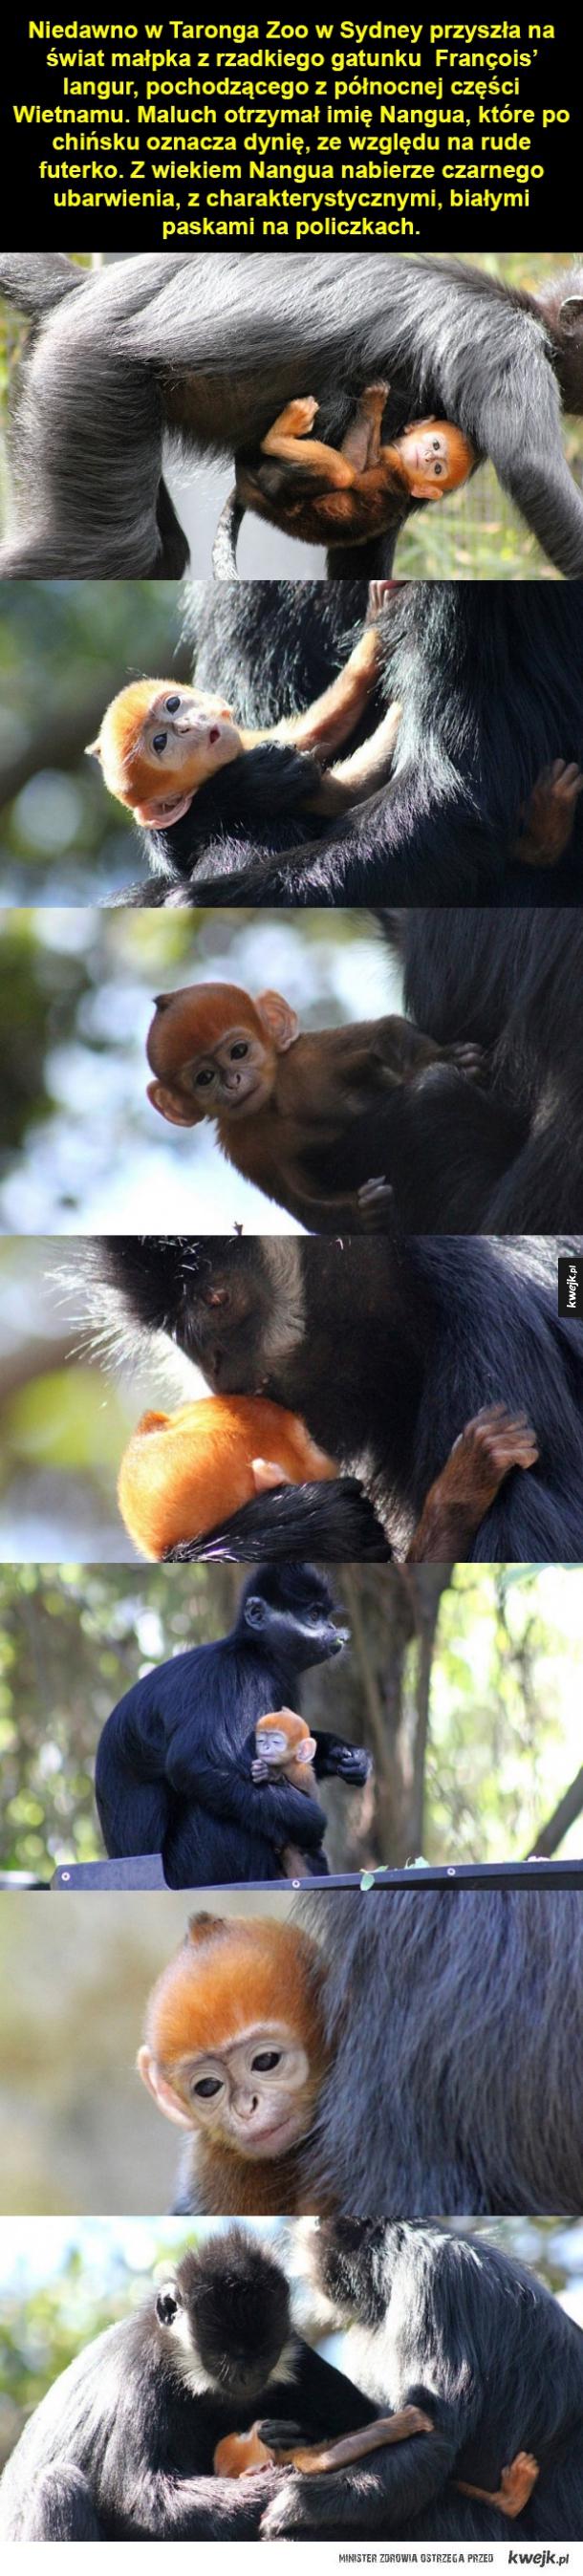 Słodki przedstawiciel zagrożonego gatunku